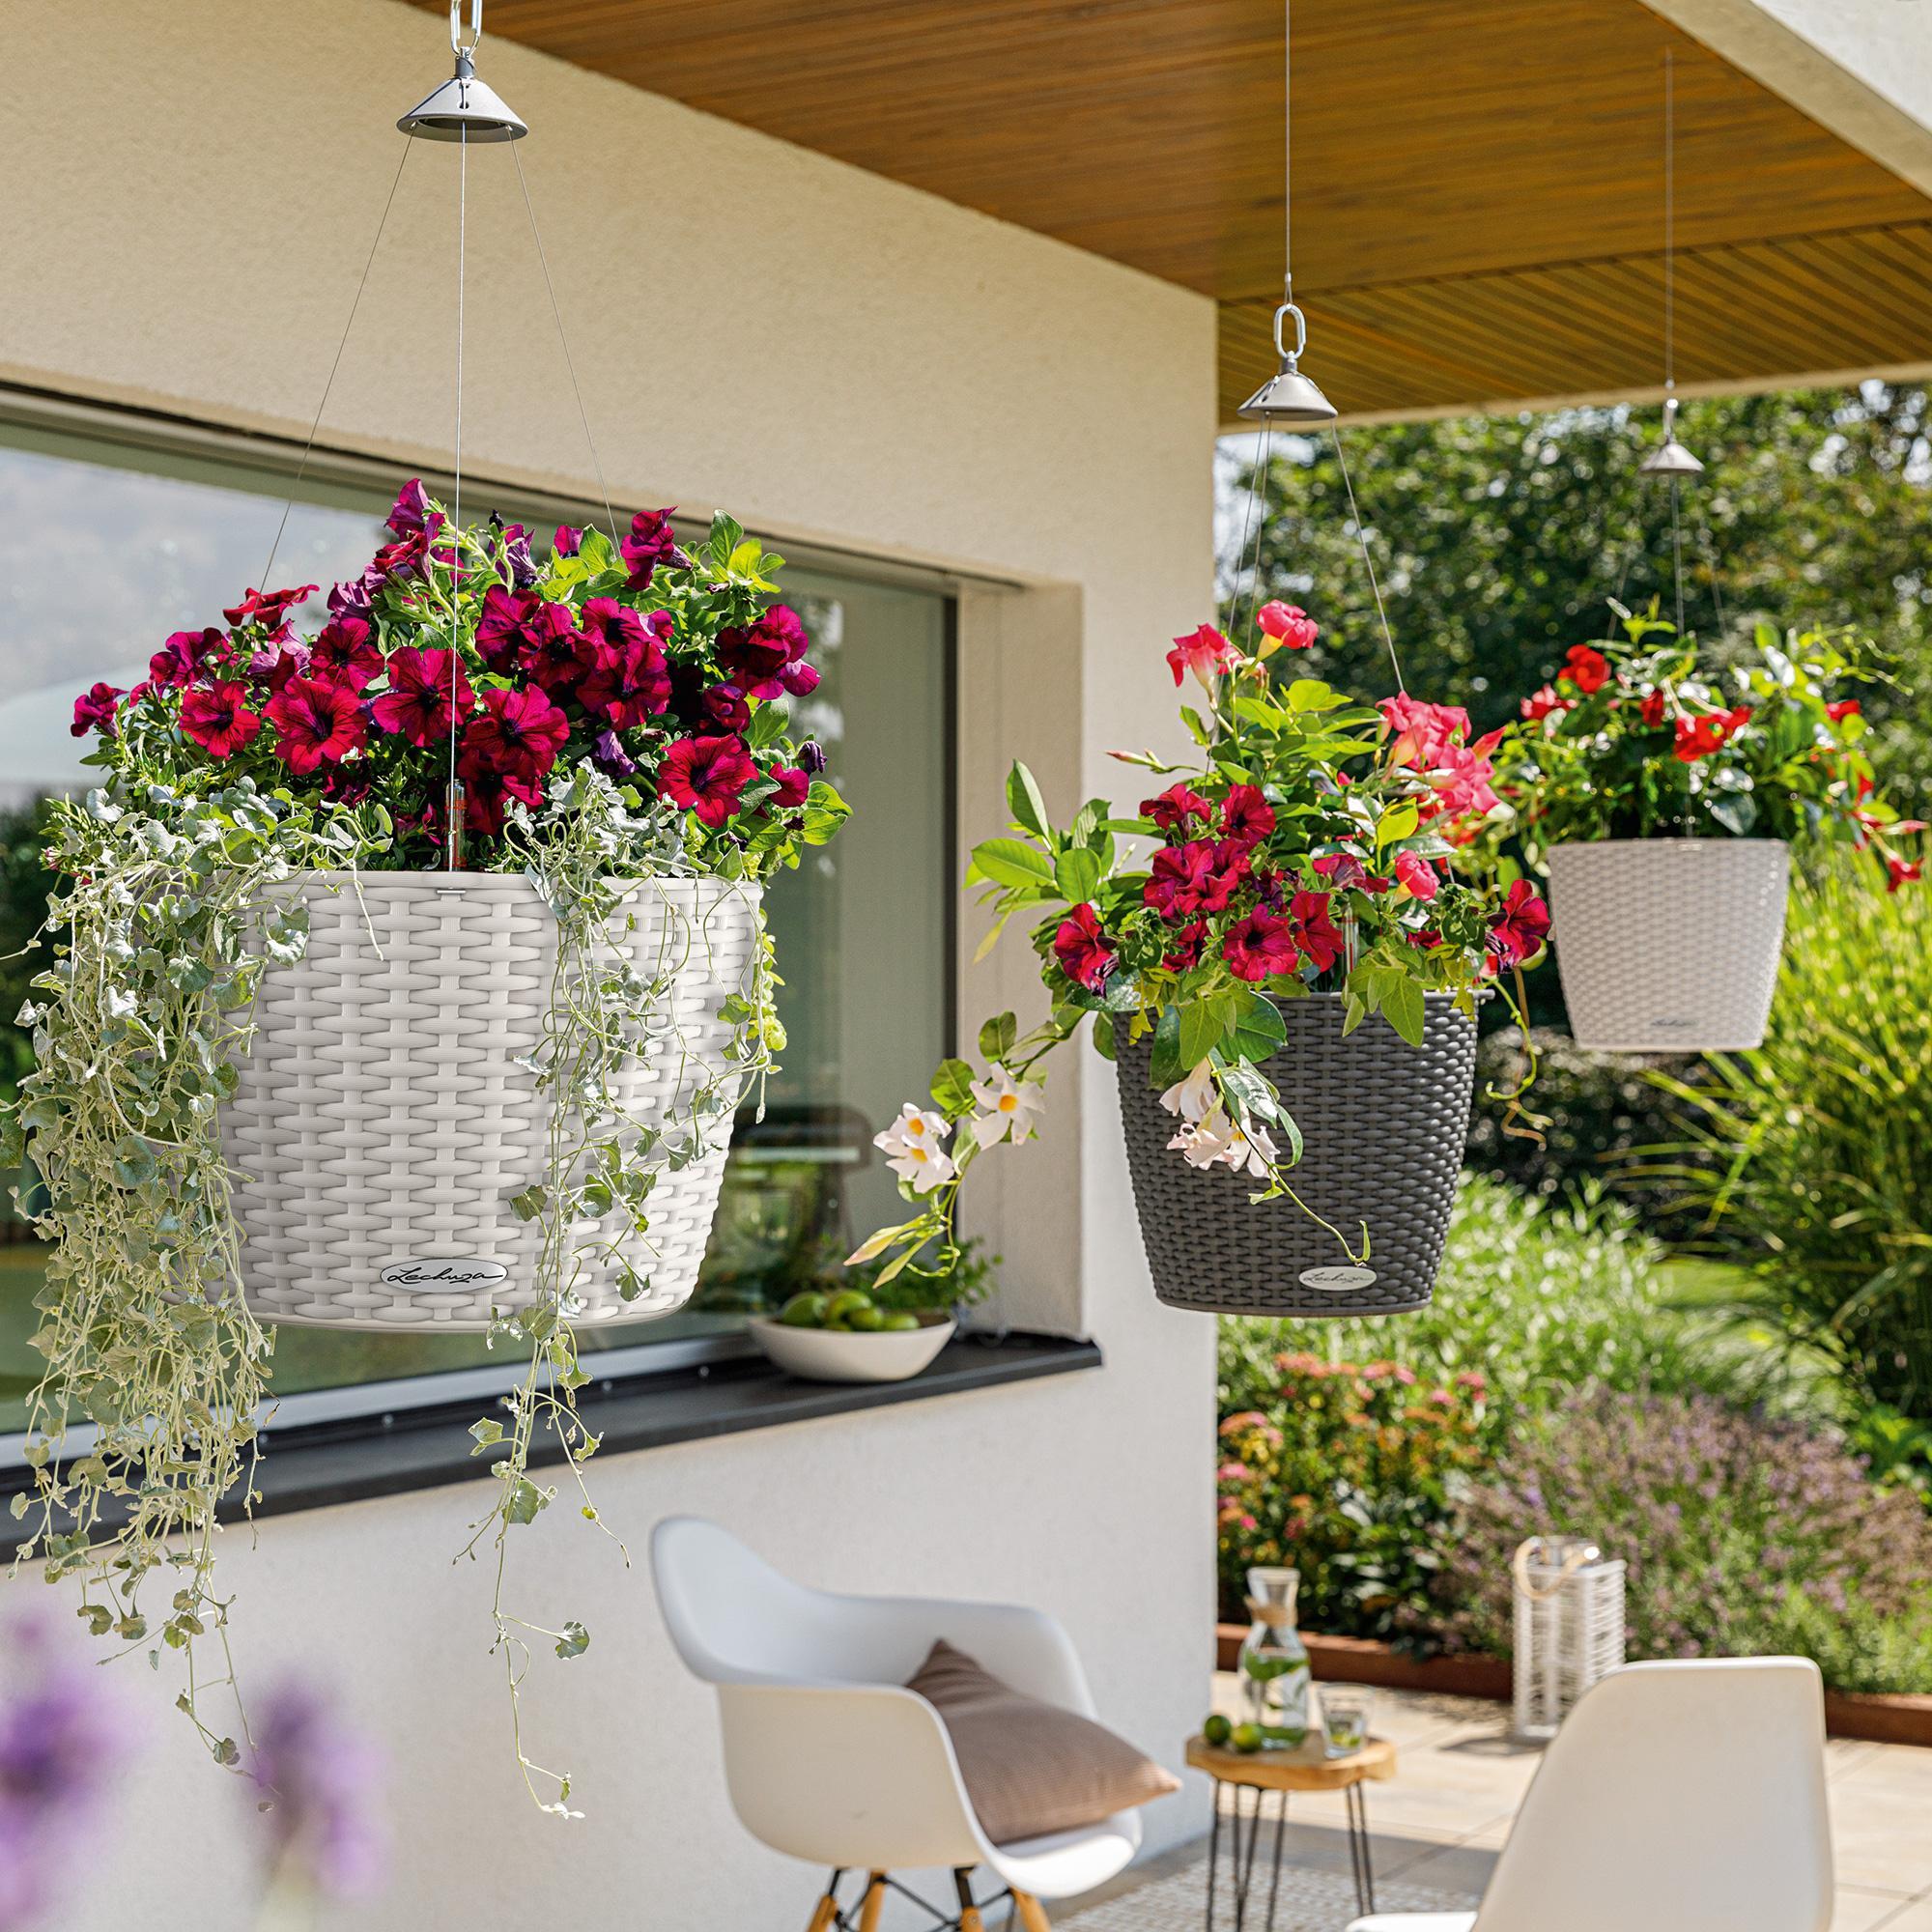 NIDO Cottage mocha - Image 5